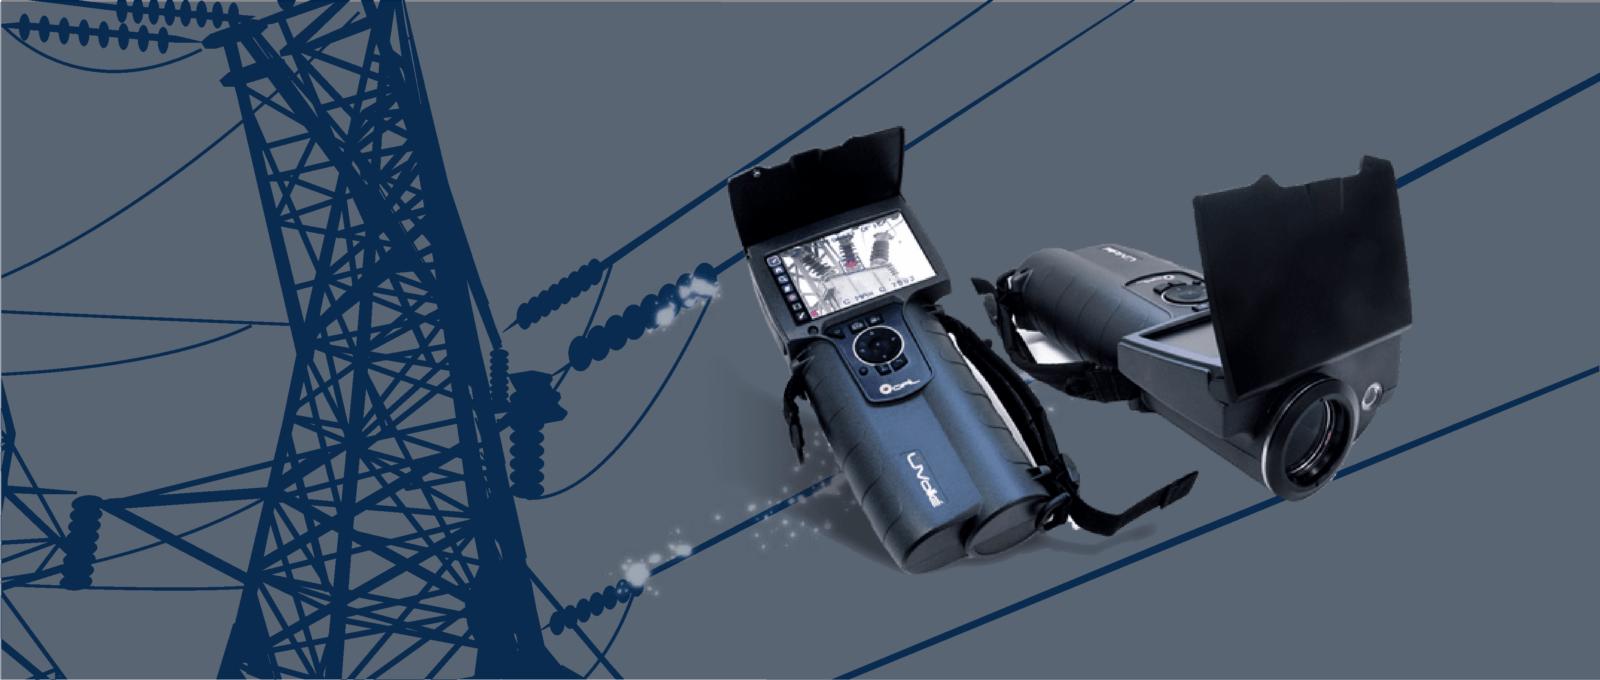 Ультрафиолетовые камеры DayCor ®, с возможностью визуализации короны в условиях дневного освещения